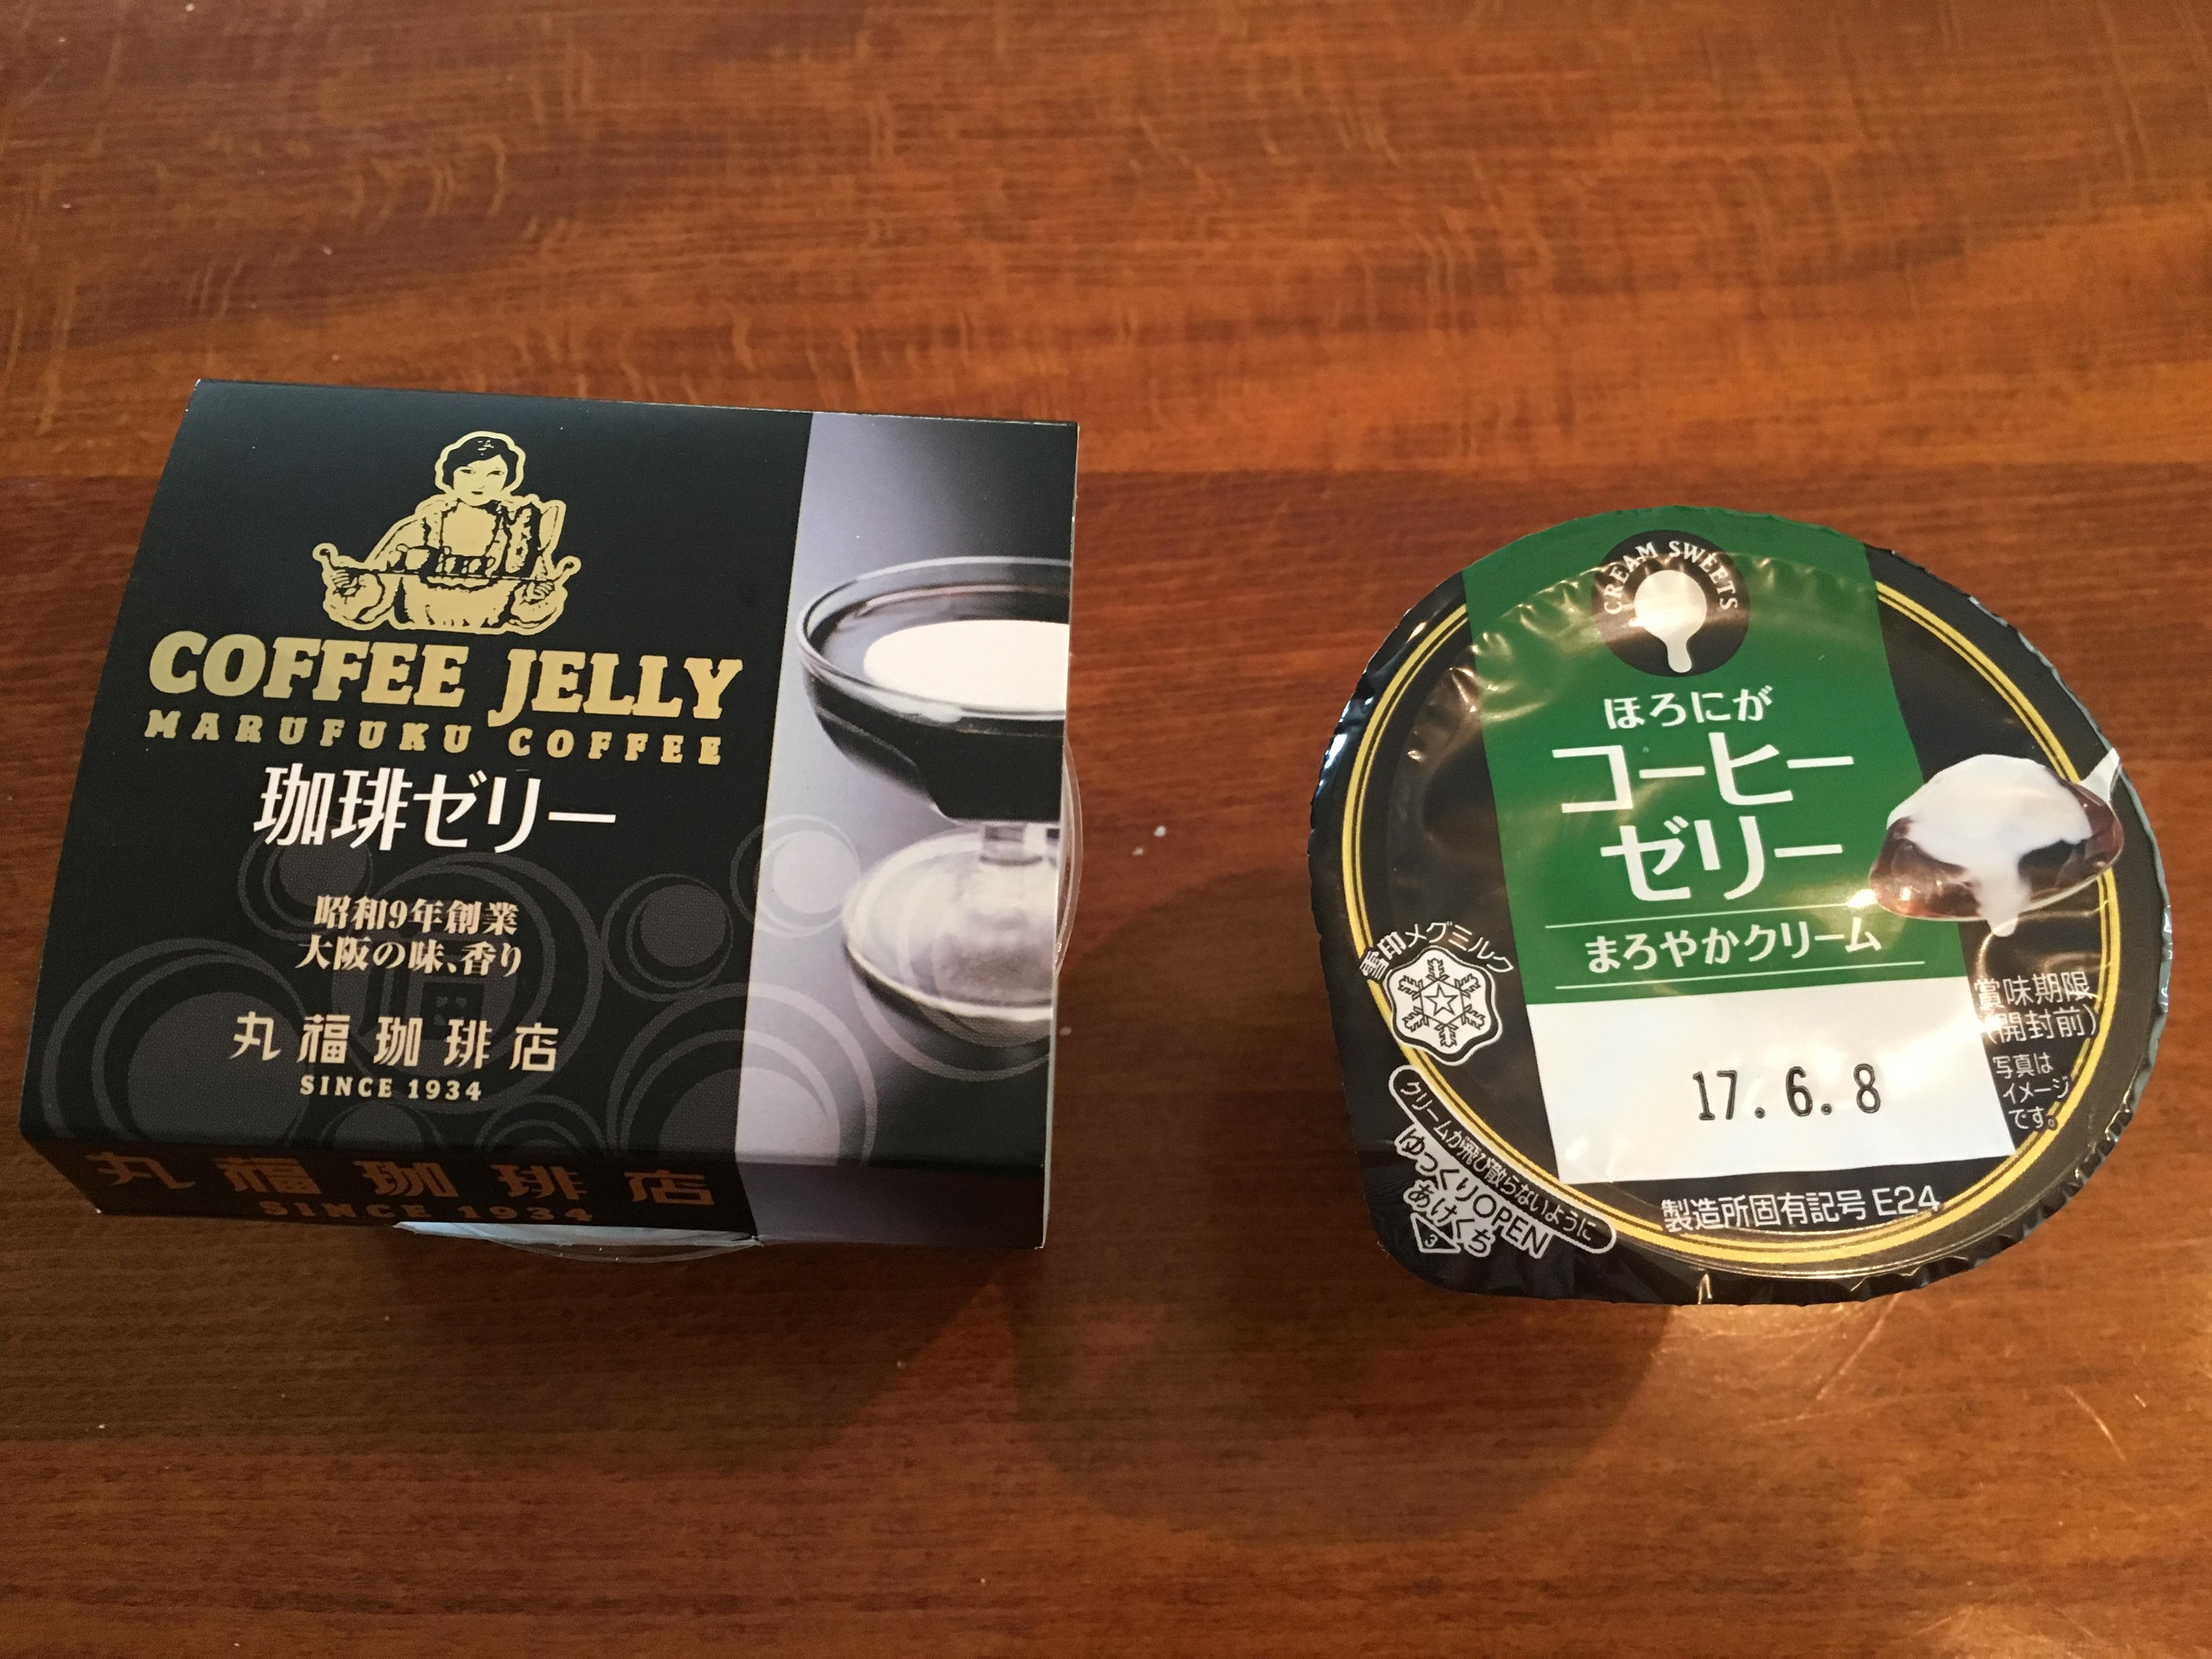 丸福と雪印のコーヒーゼリー対決!美味しいコーヒーゼリーはどっち?